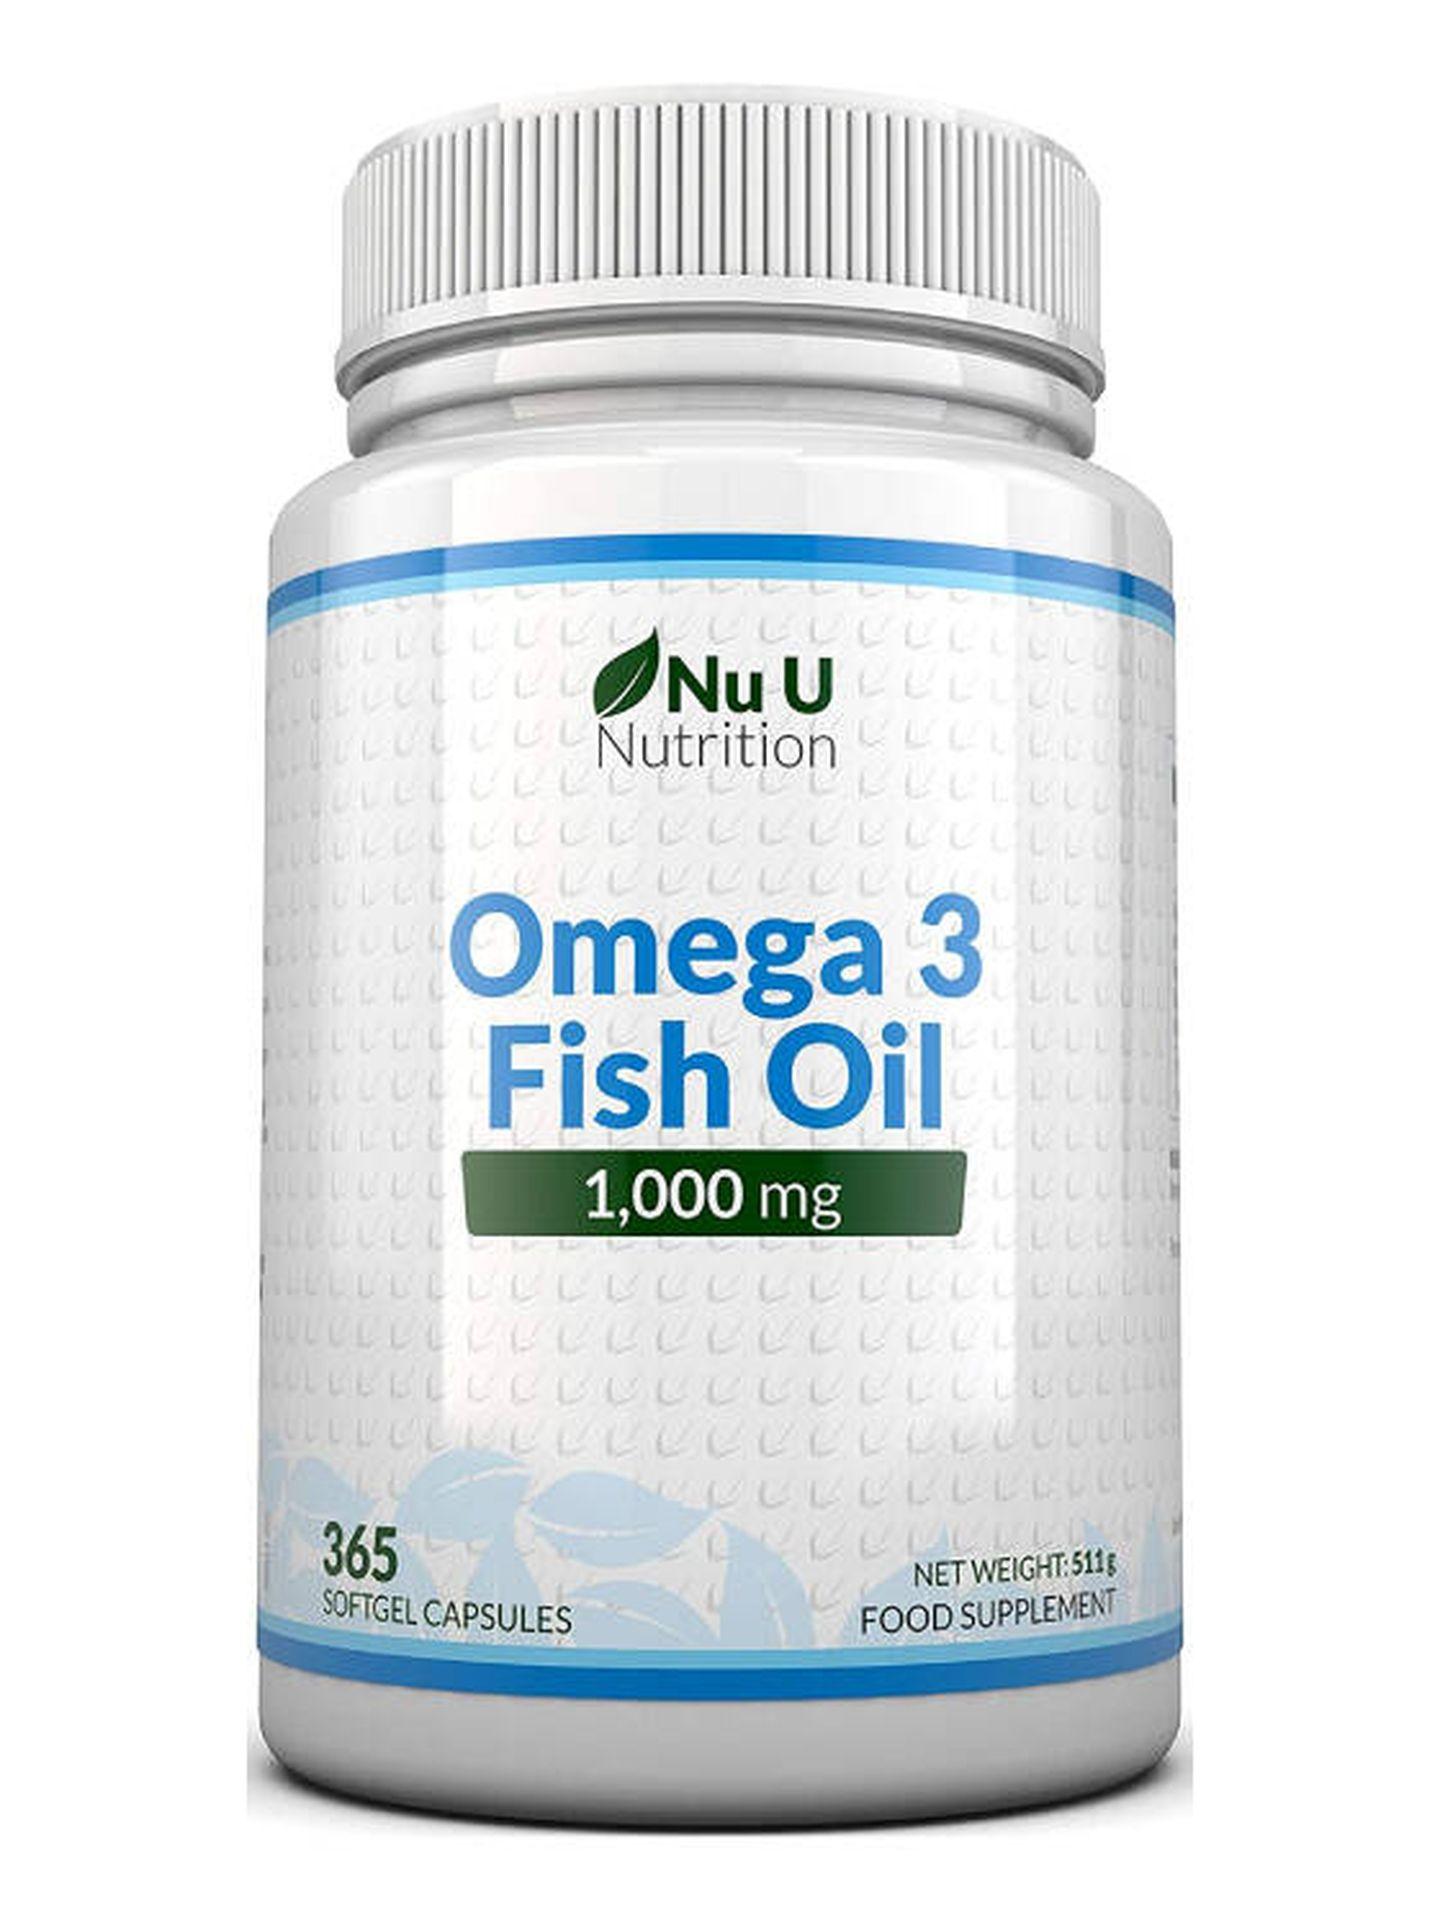 Omega 3 de Nu U a la venta en Amazon. (Cortesía)